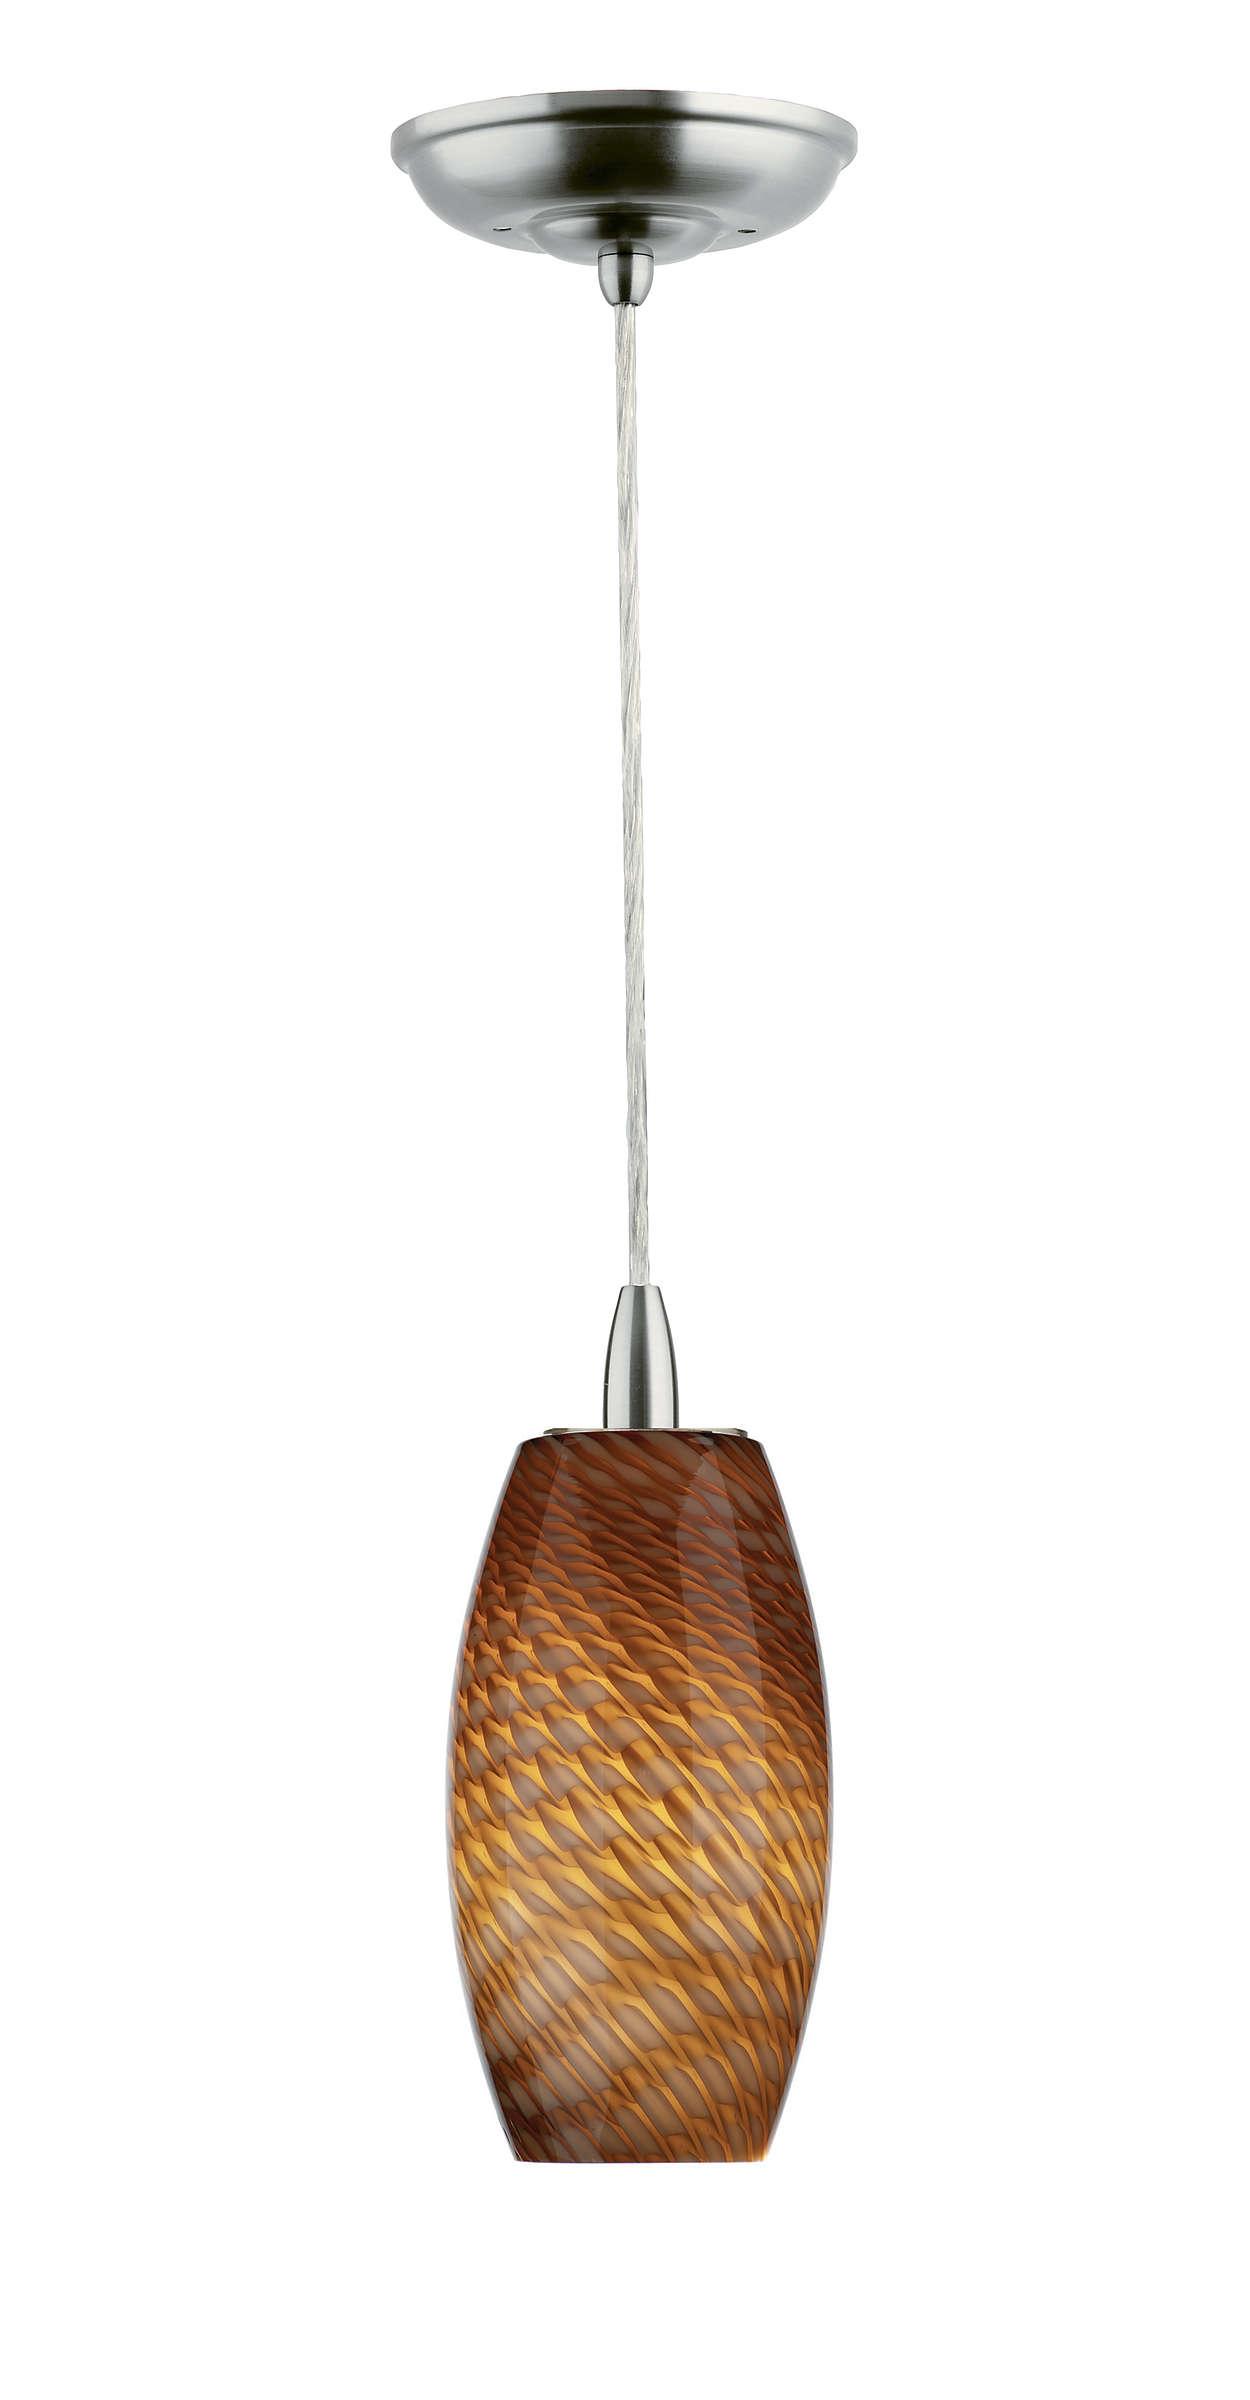 Marta Wishes 1-light pendant, Satin Nickel finish